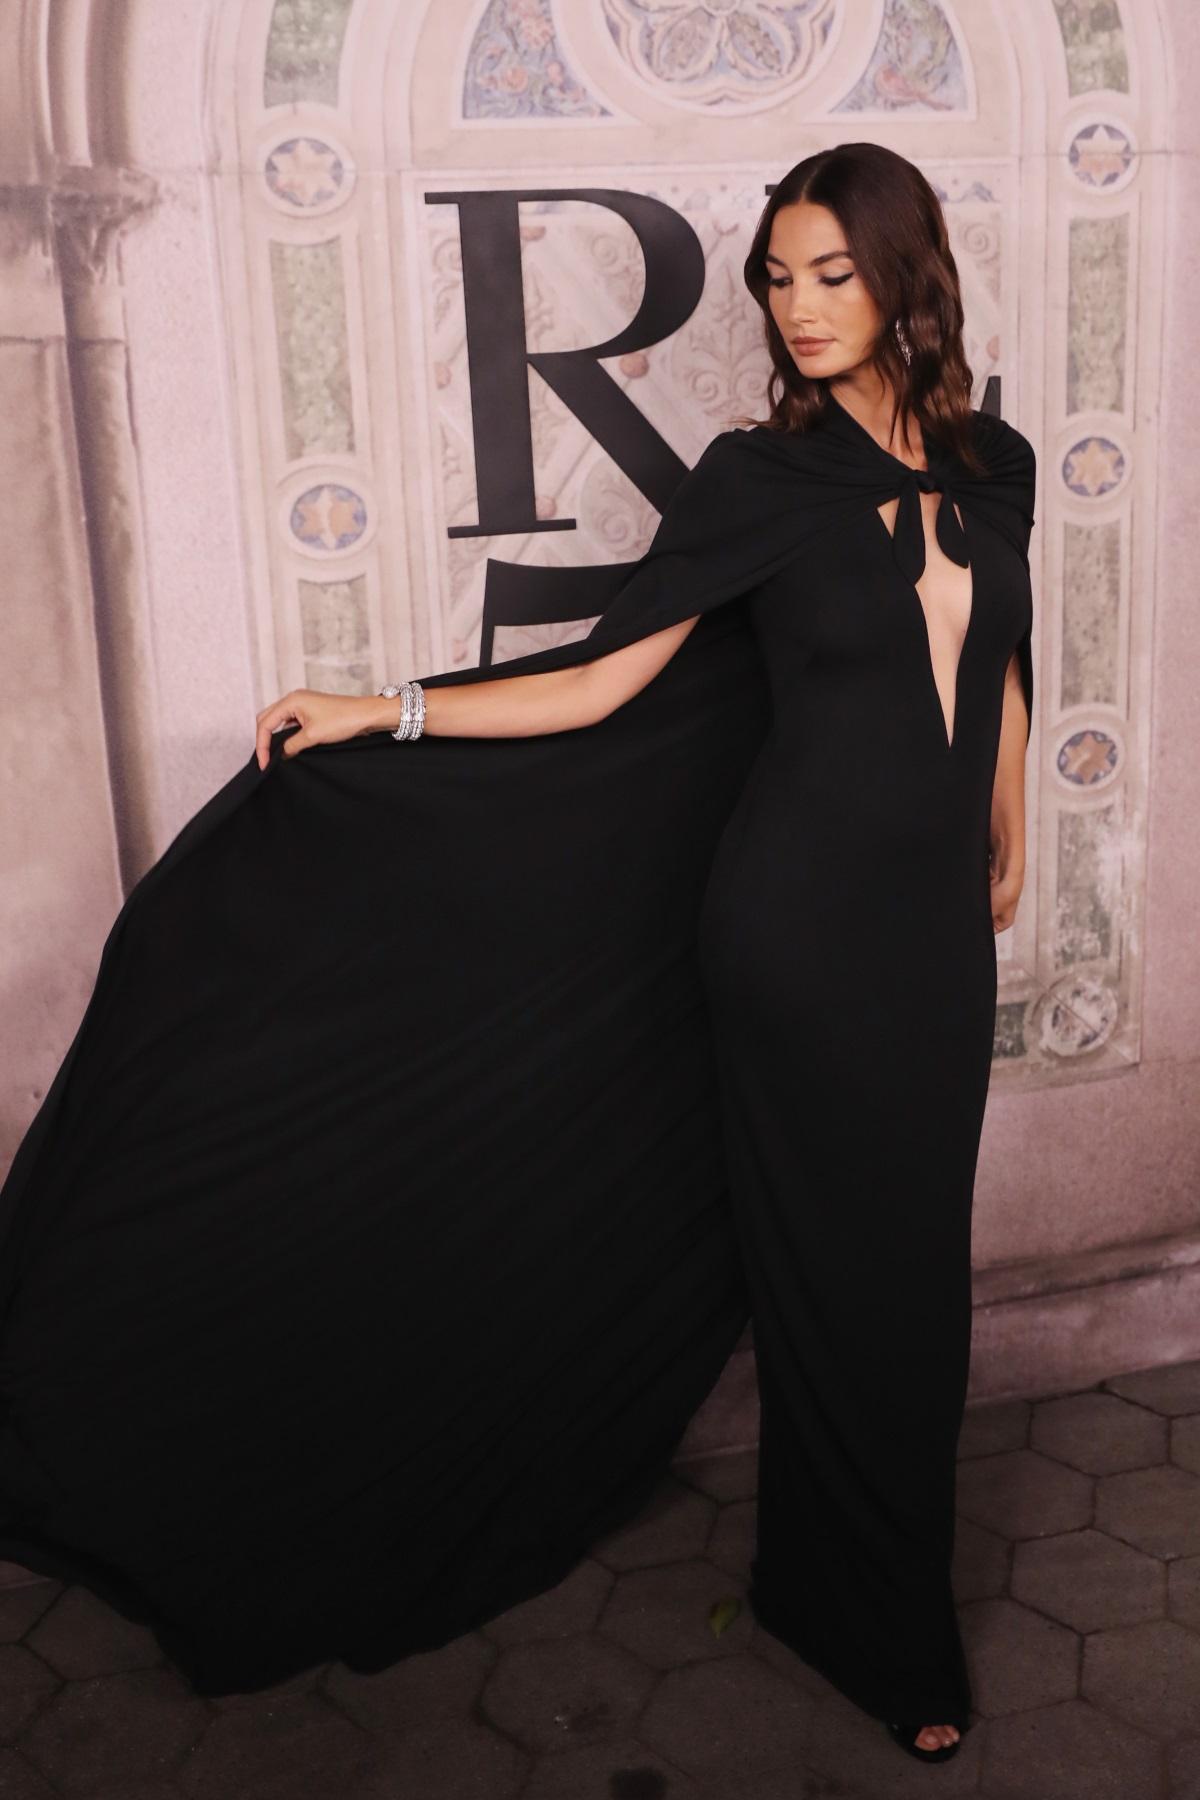 """Калифорнийската красавица Лили Олдридж изненада всички по време на Седмица на модата в Ню Йорк. 32-годишната манекенка дефилира бременна в 5-ия месец. Преди няколко дни тя съобщи новината в социалните мрежи. """"Лили Олдридж носеше специален аксесоар на подиума - своето бременно коремче"""", пишат световните издания."""